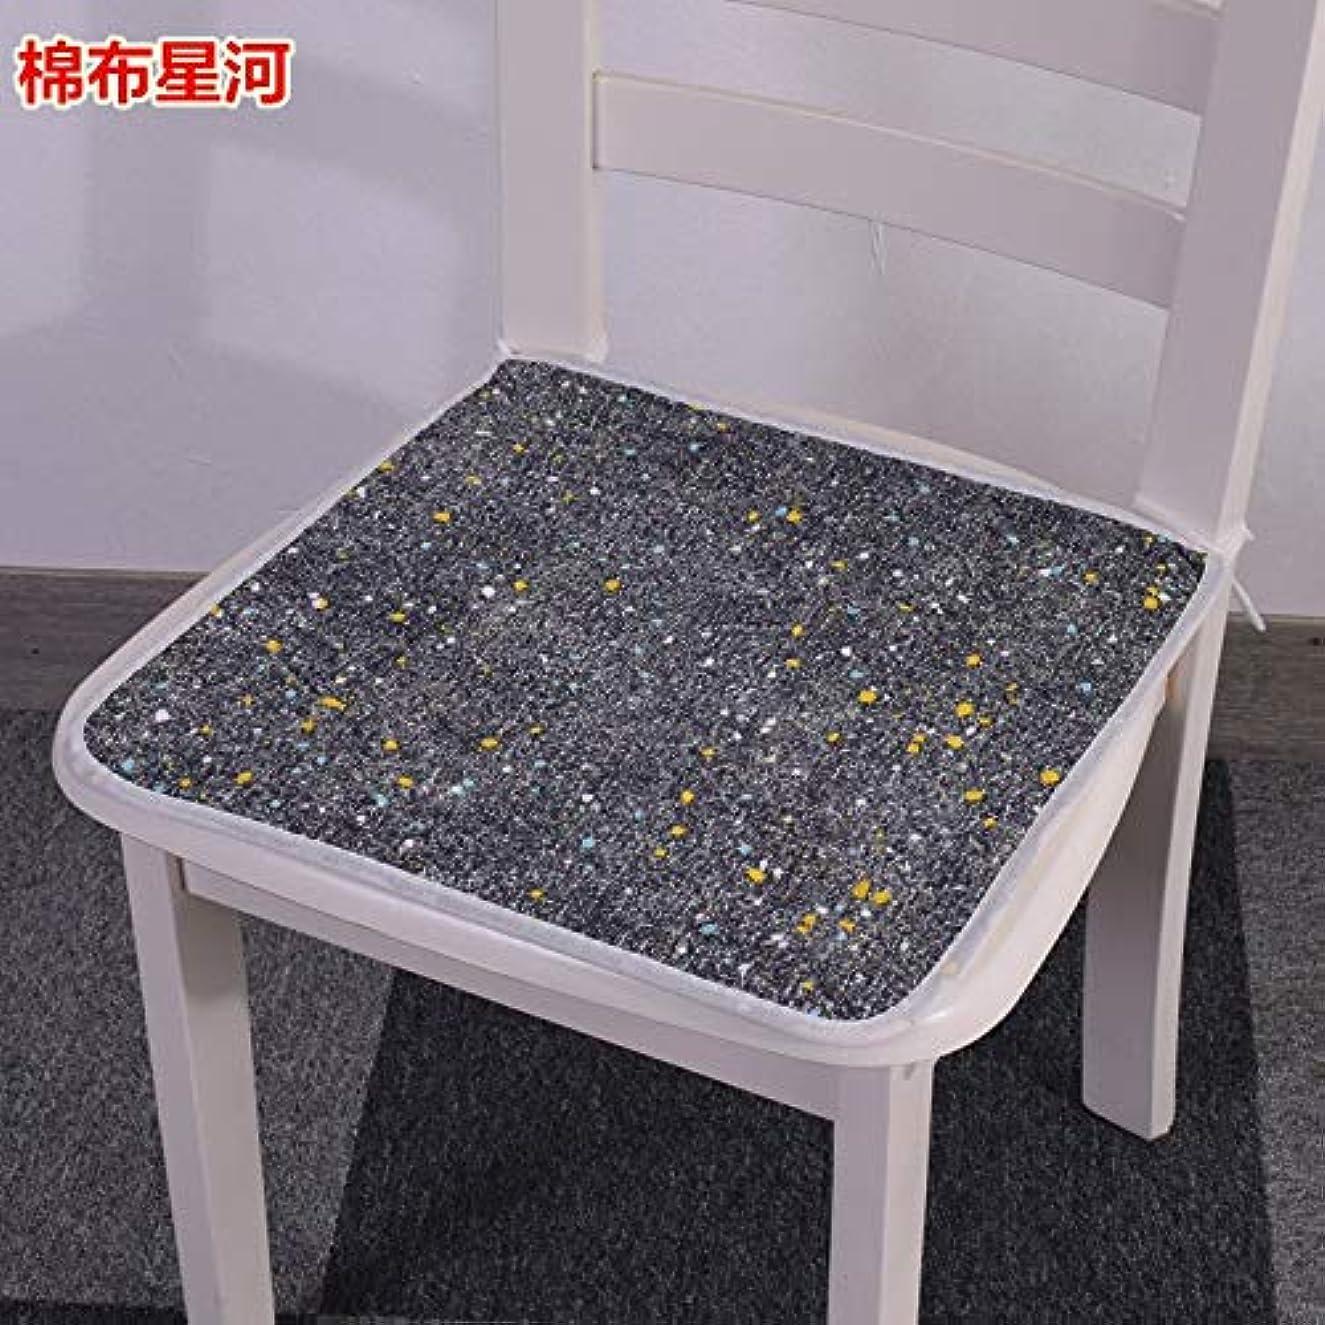 耐えられるセマフォ銅LIFE 現代スーパーソフト椅子クッション非スリップシートクッションマットソファホームデコレーションバッククッションチェアパッド 40*40/45*45/50*50 センチメートル クッション 椅子